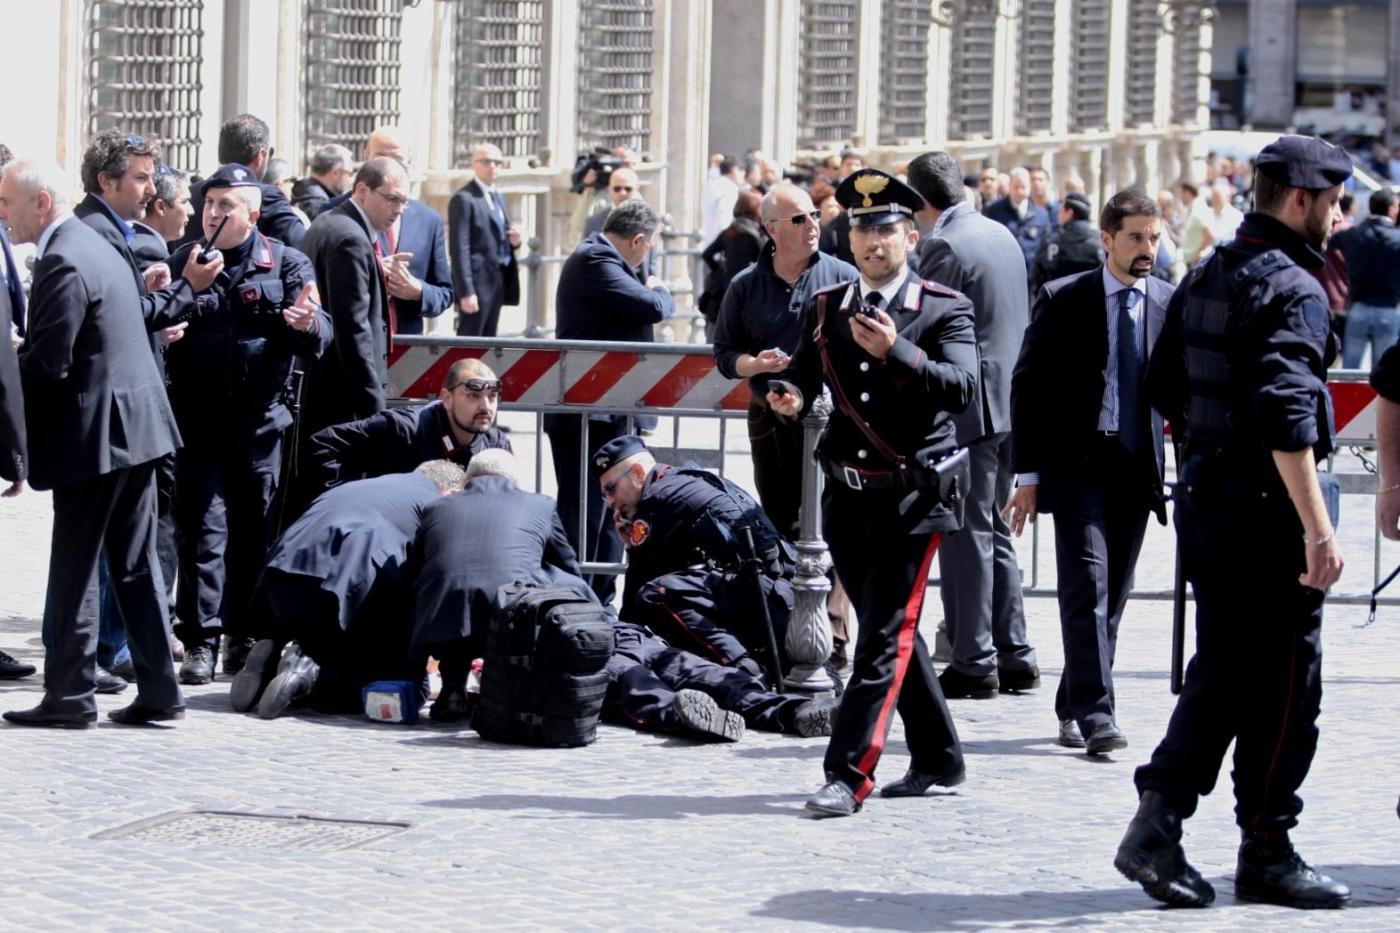 Sparatoria a Montecitorio: palermitano il più grave dei carabinieri feriti$